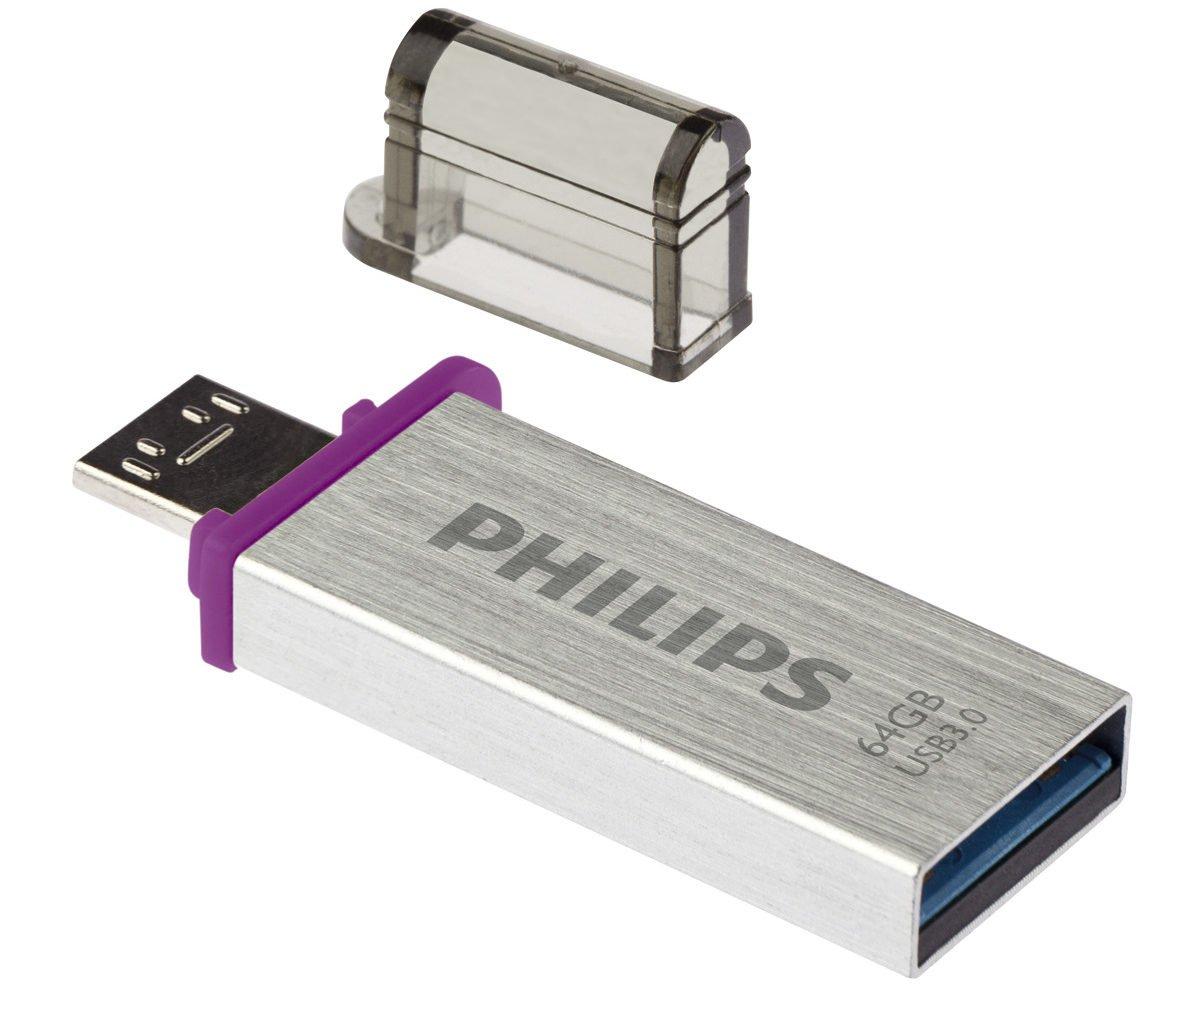 Cómo sacar el máximo provecho a los pendrives USB en nuestra Smart TV